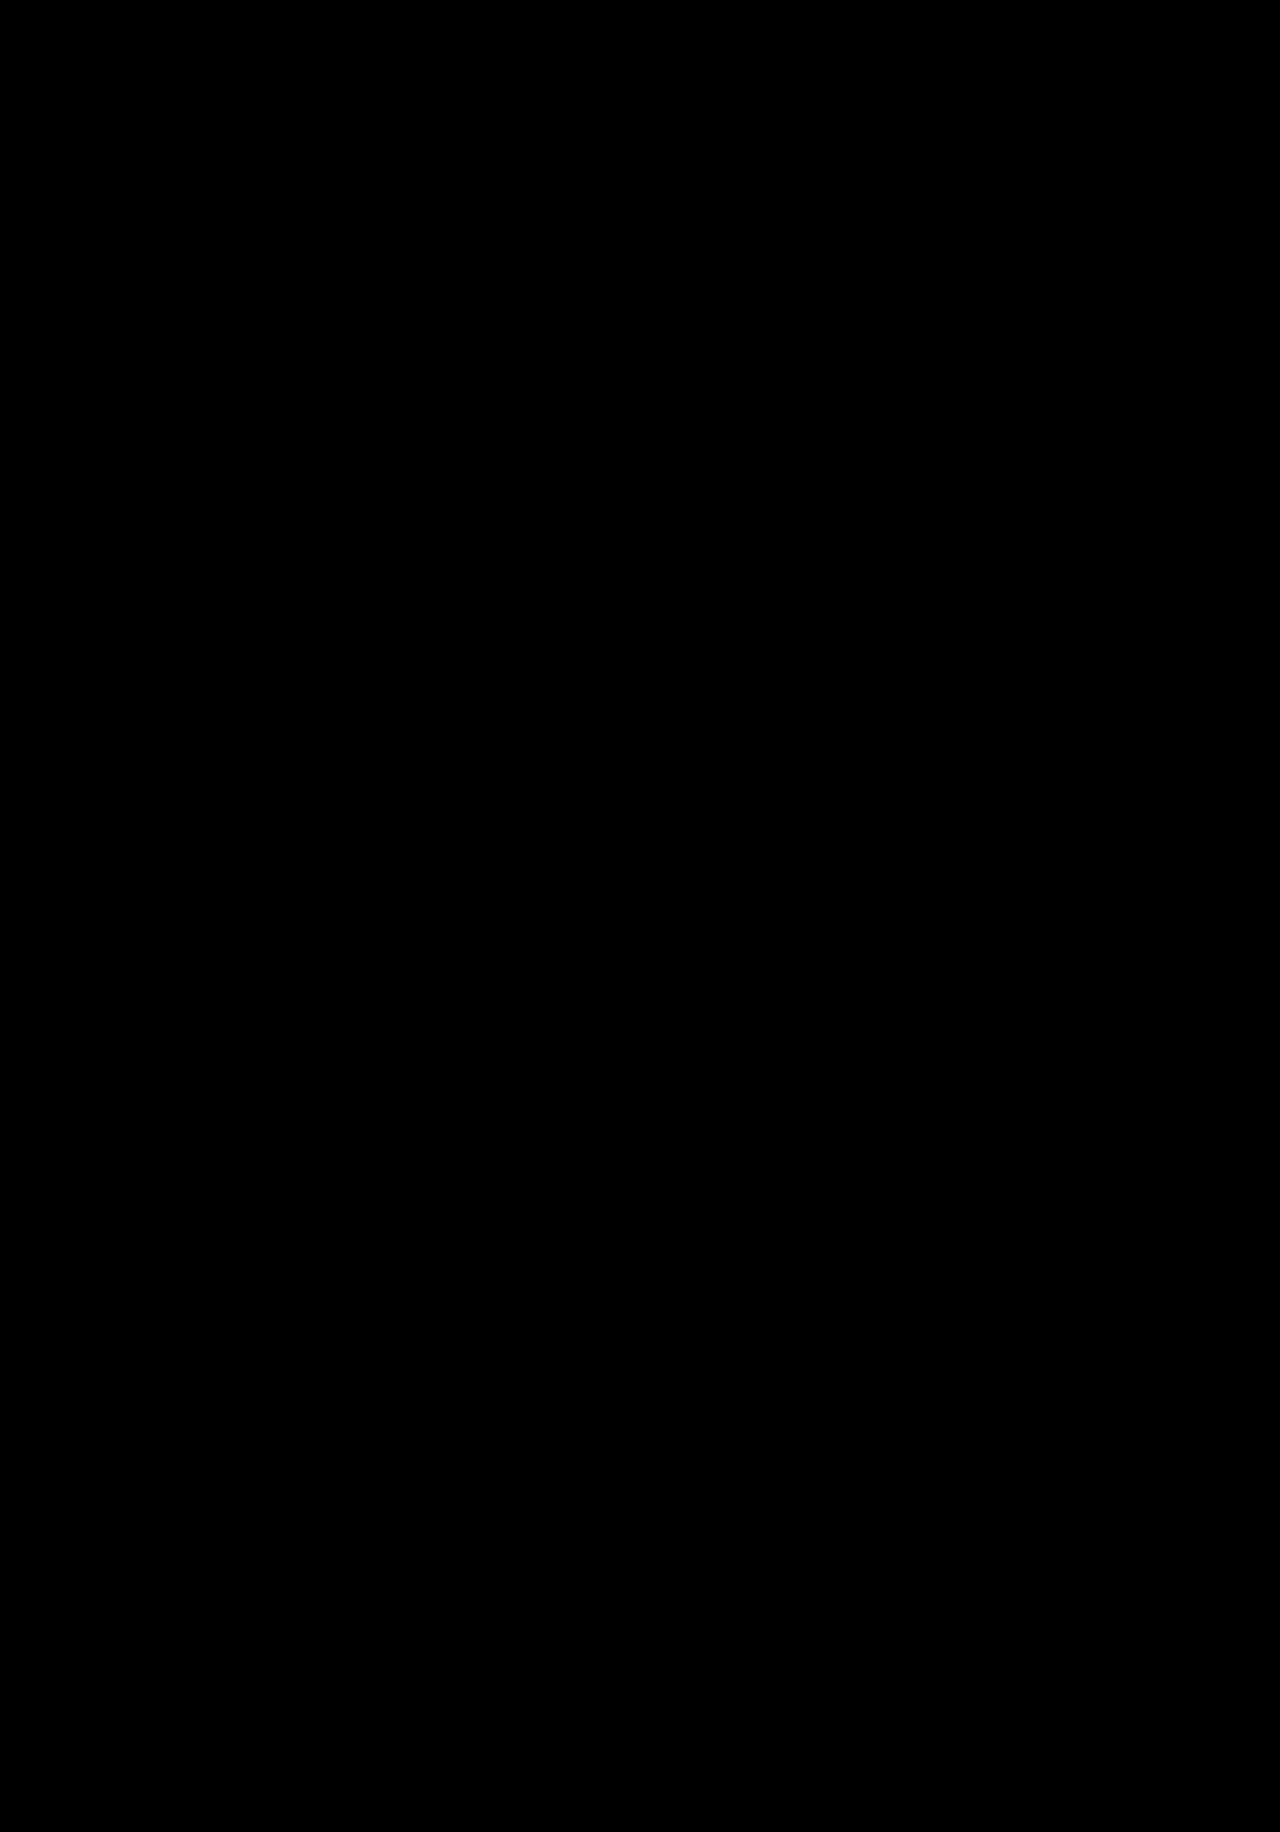 (C93) [Yakitate Jamaica (Aomushi)] Renzoku Taikyuu 8-jikan: Okay-san ga 8-jikan Buttooshi de Taikyuu Ecchi Suru Hon   8 Hours Non-Stop Endurance: Kay Endures 8 Straight Hours of Non-Stop Sex (Girls und Panzer) [English] =7BA= 1